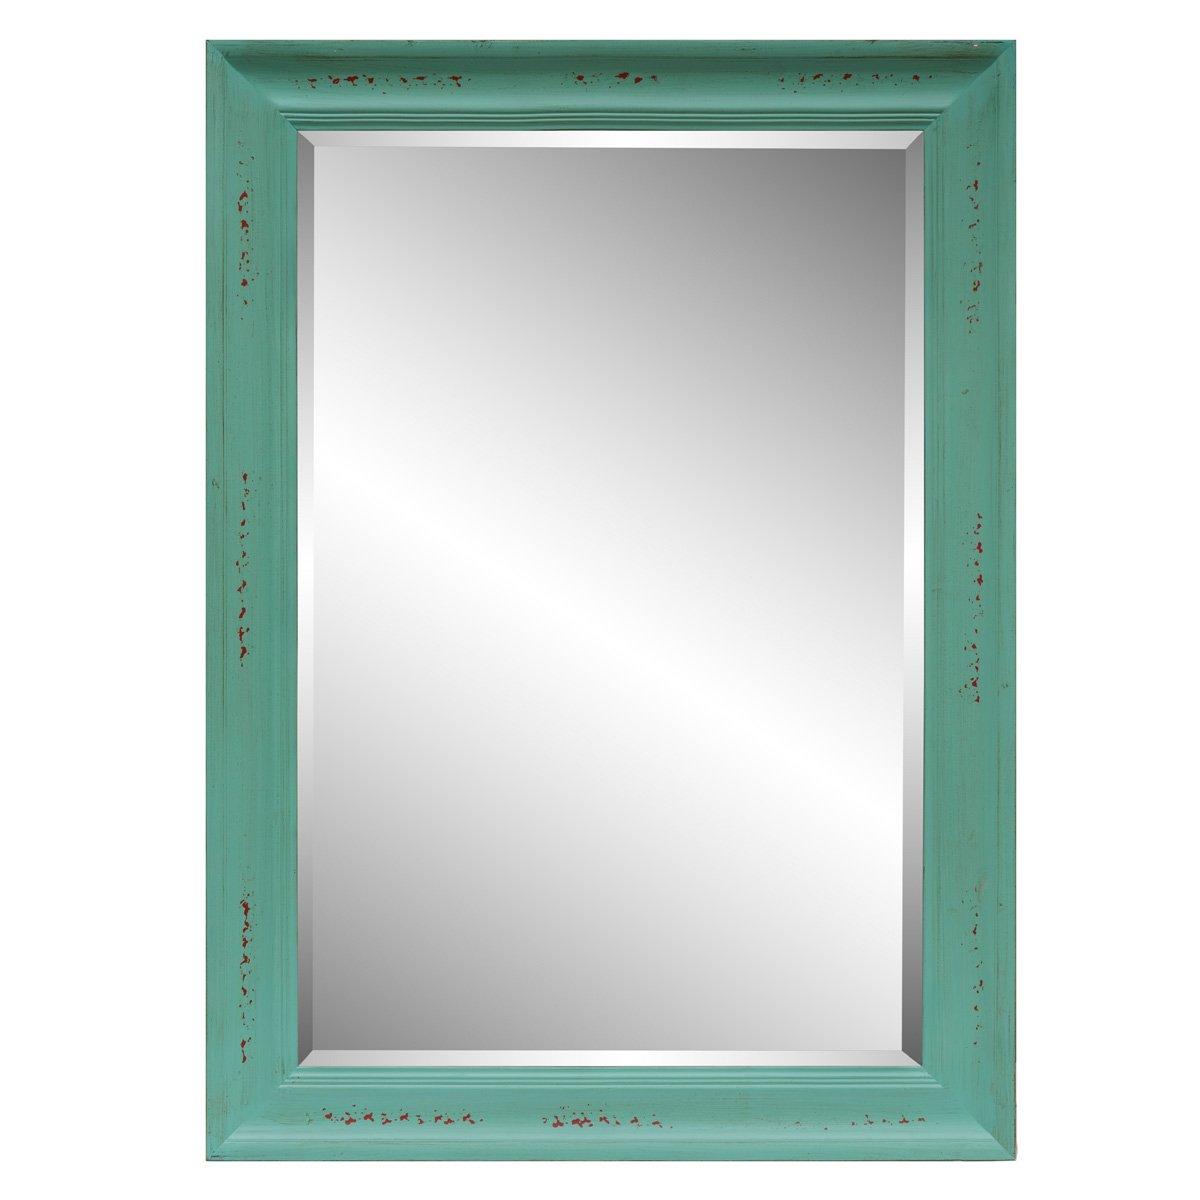 Espejo home nature marco de madera gris sears com mx for Espejo marco gris